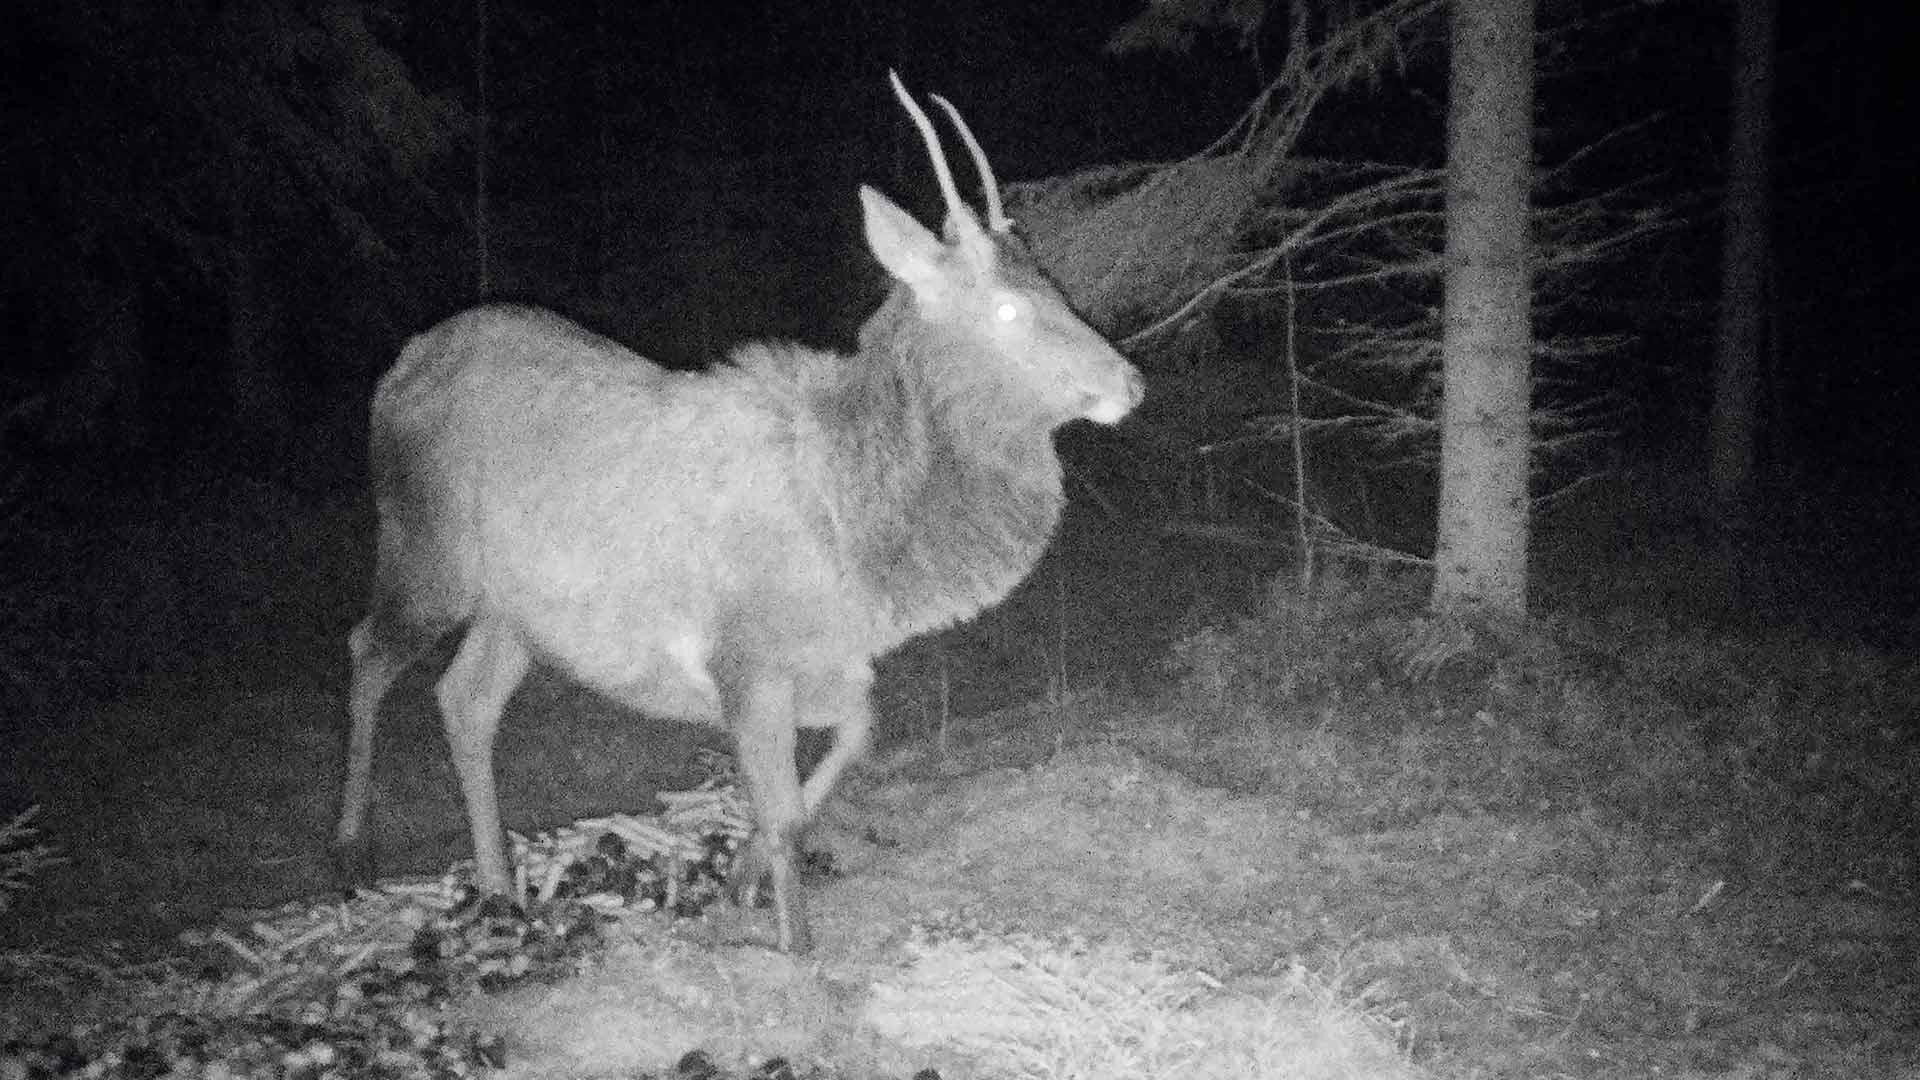 Riistakamera tallensi Suomessa harvinaisen saksanhirven metsästä. Tosin lämpenemisen myötä sen jälkiä voi löytyä yhä useammin.